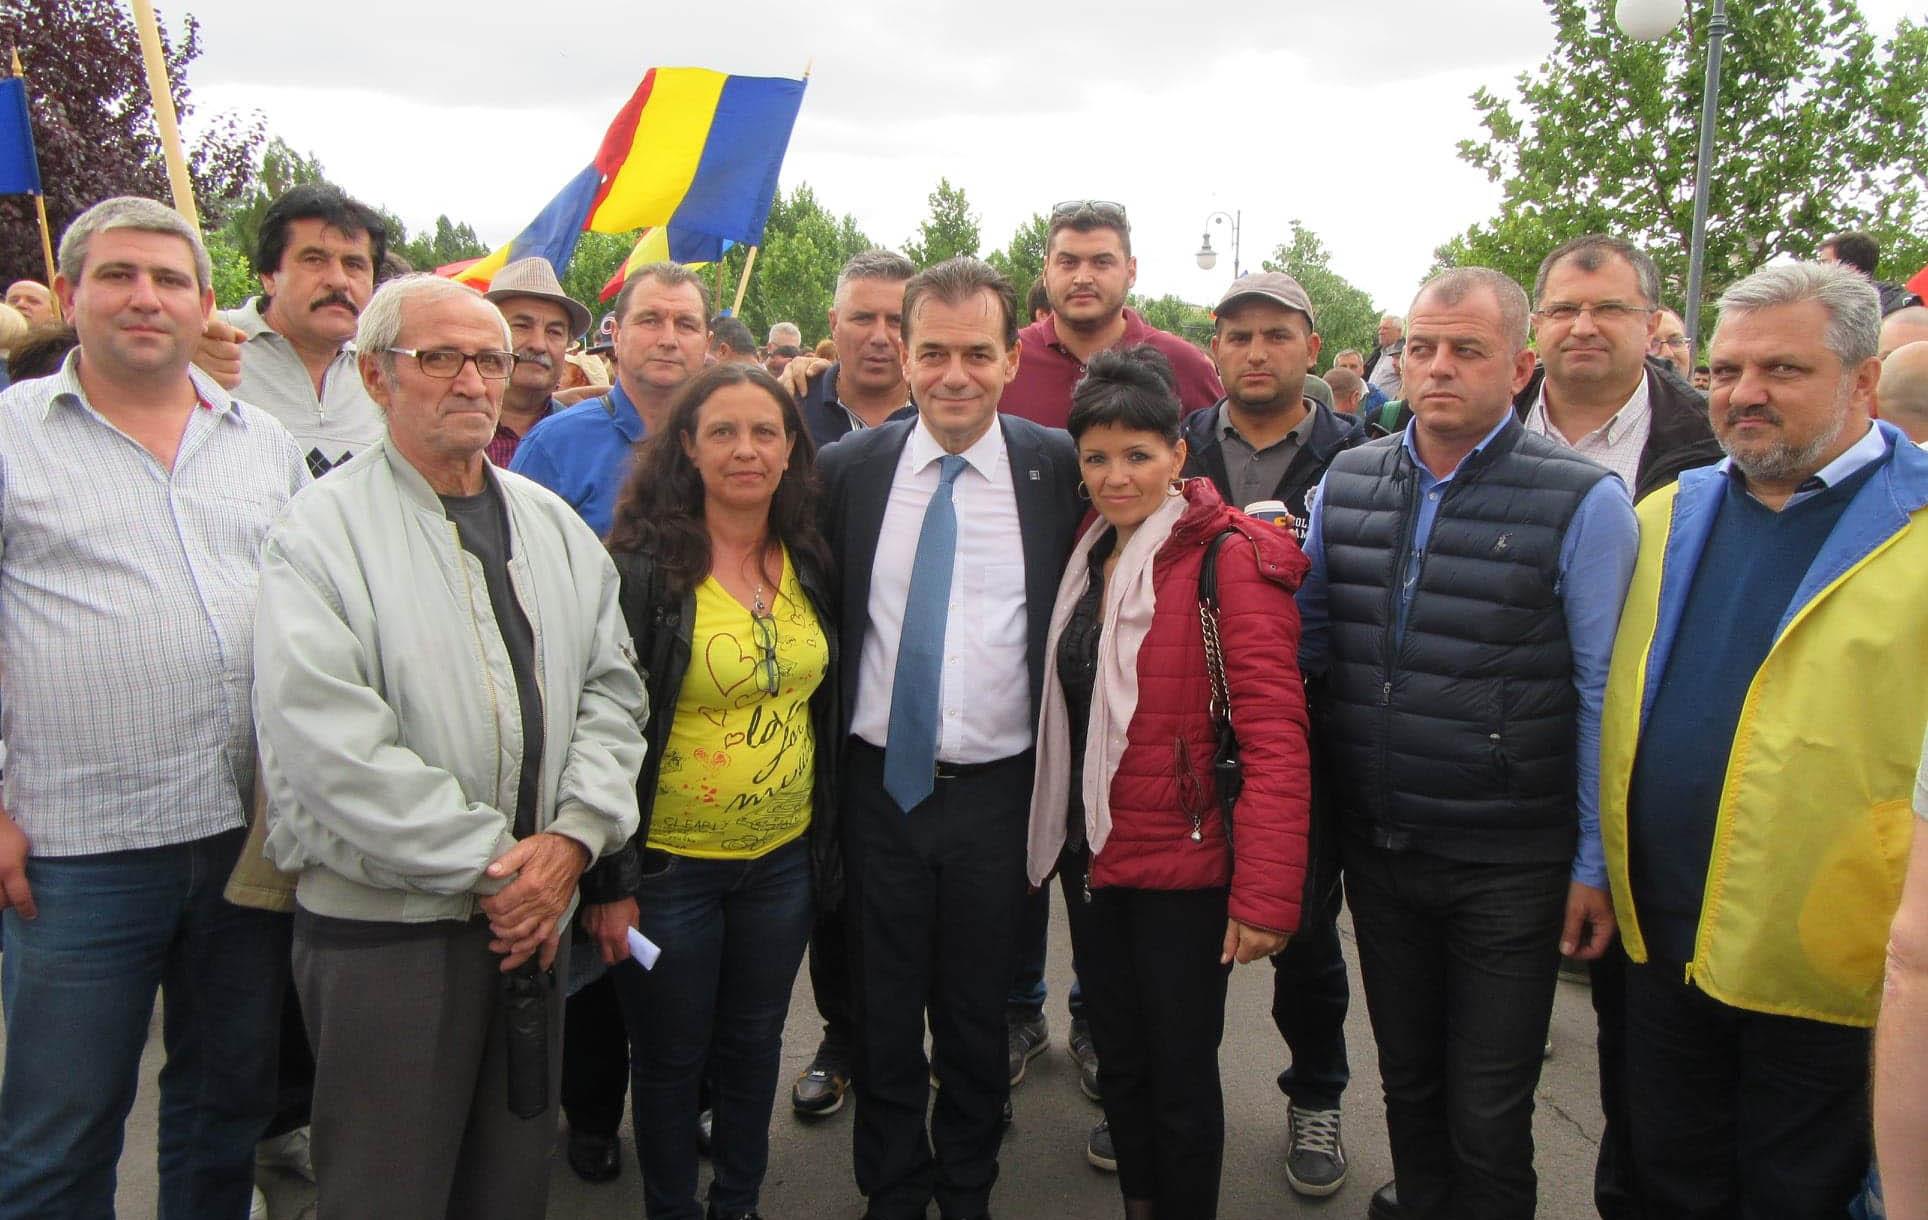 În ziua moțiunii, 200 de teleormăneni i-au cerut premierului Dăncilă să plece acasă, la Videle!